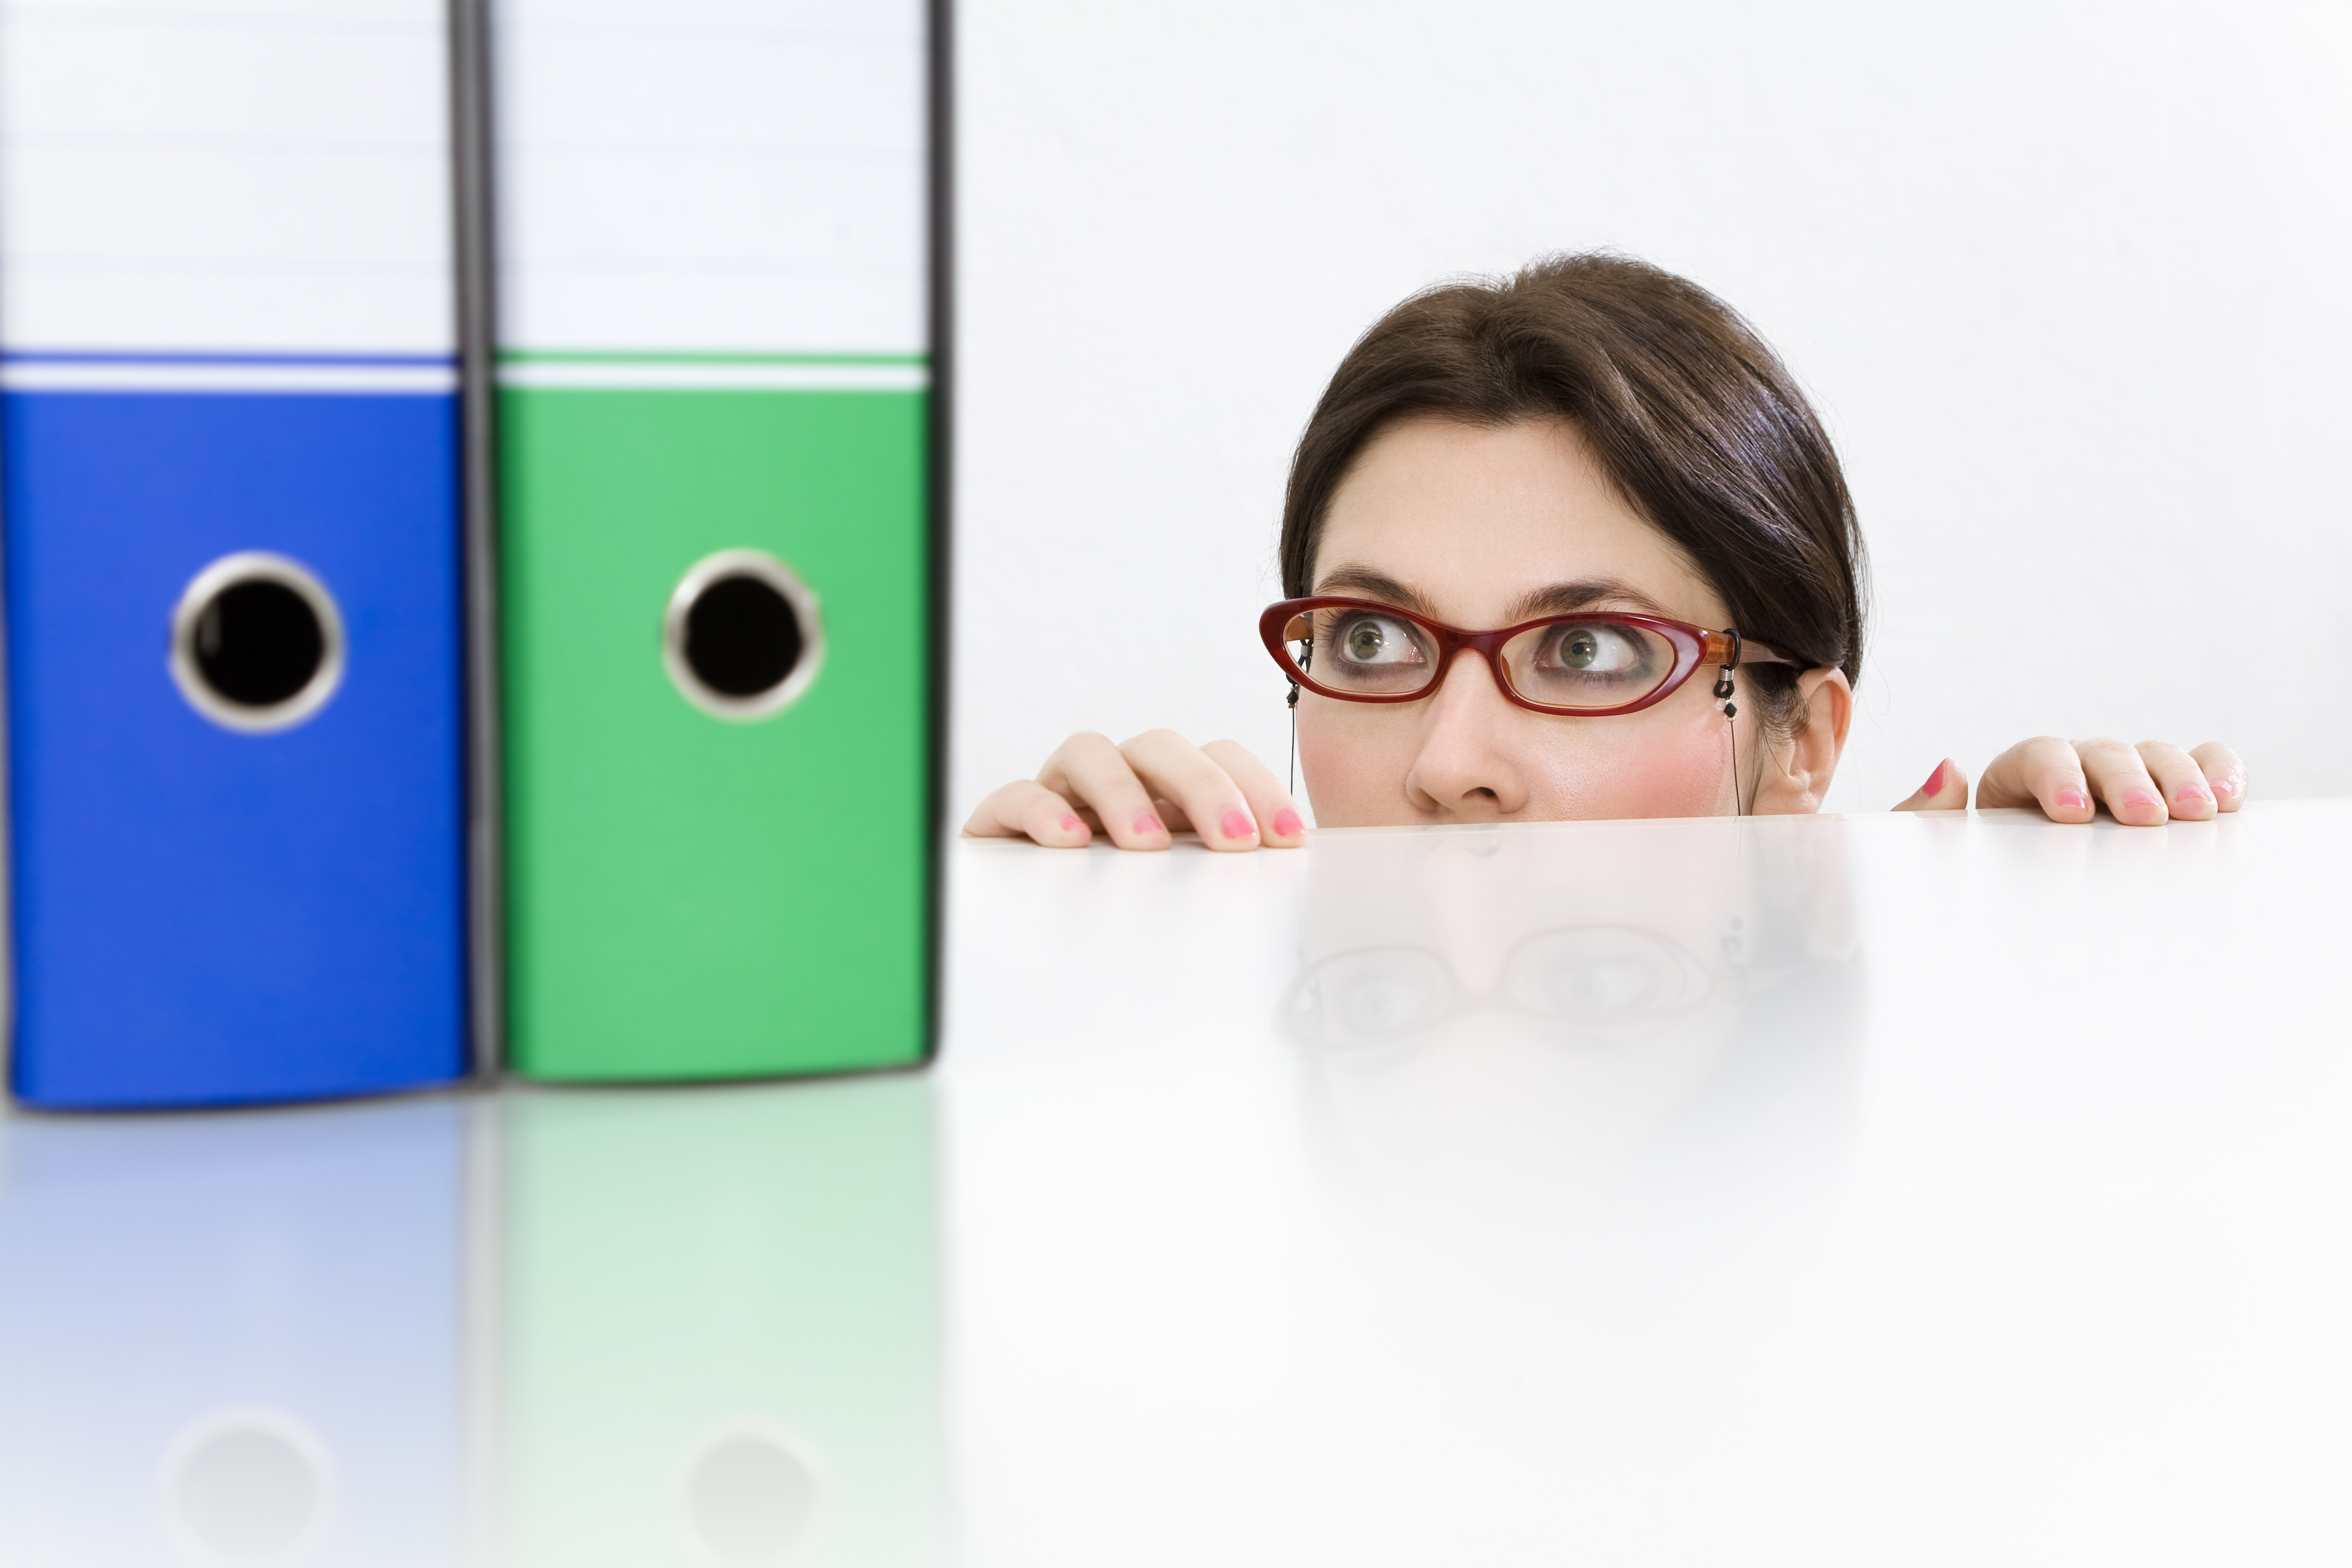 DSGVO: Auswirkungen auf Bewerber und Recruiter